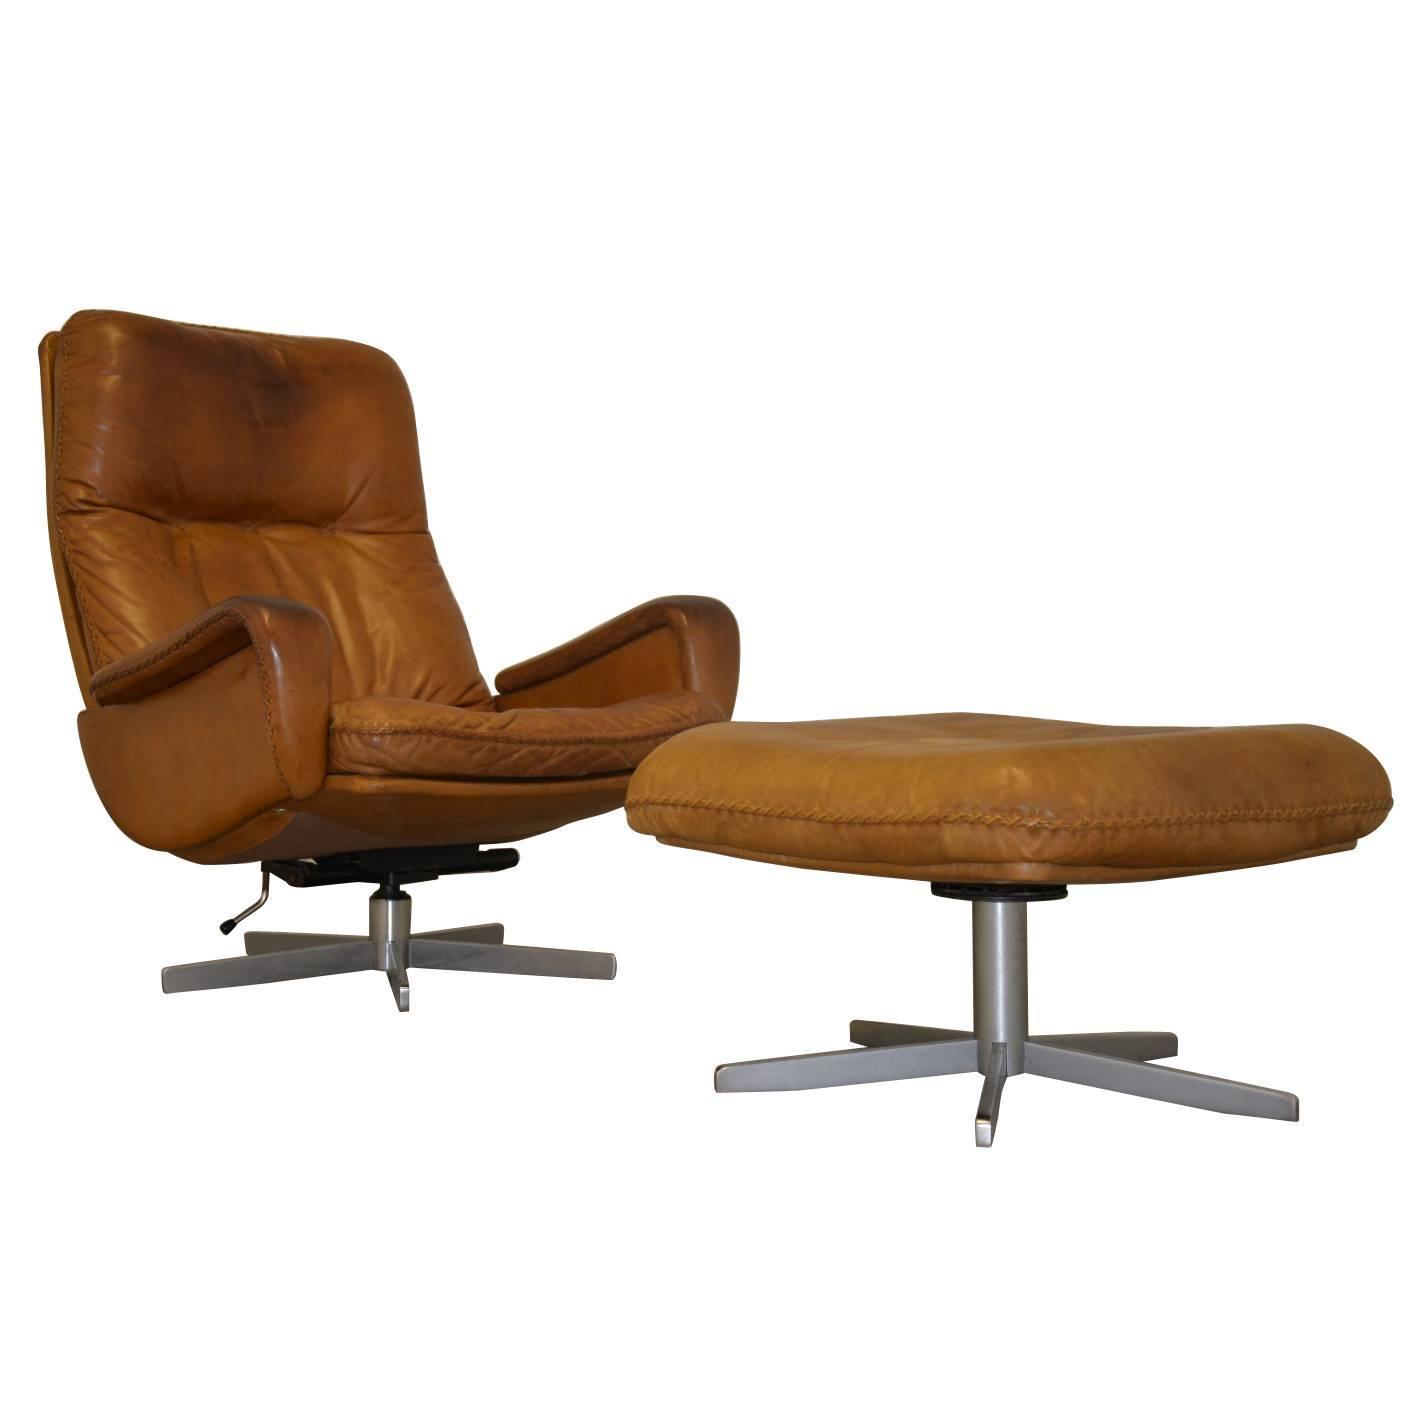 Vintage De Sede S 231 James Bond Swivel Lounge Armchair with